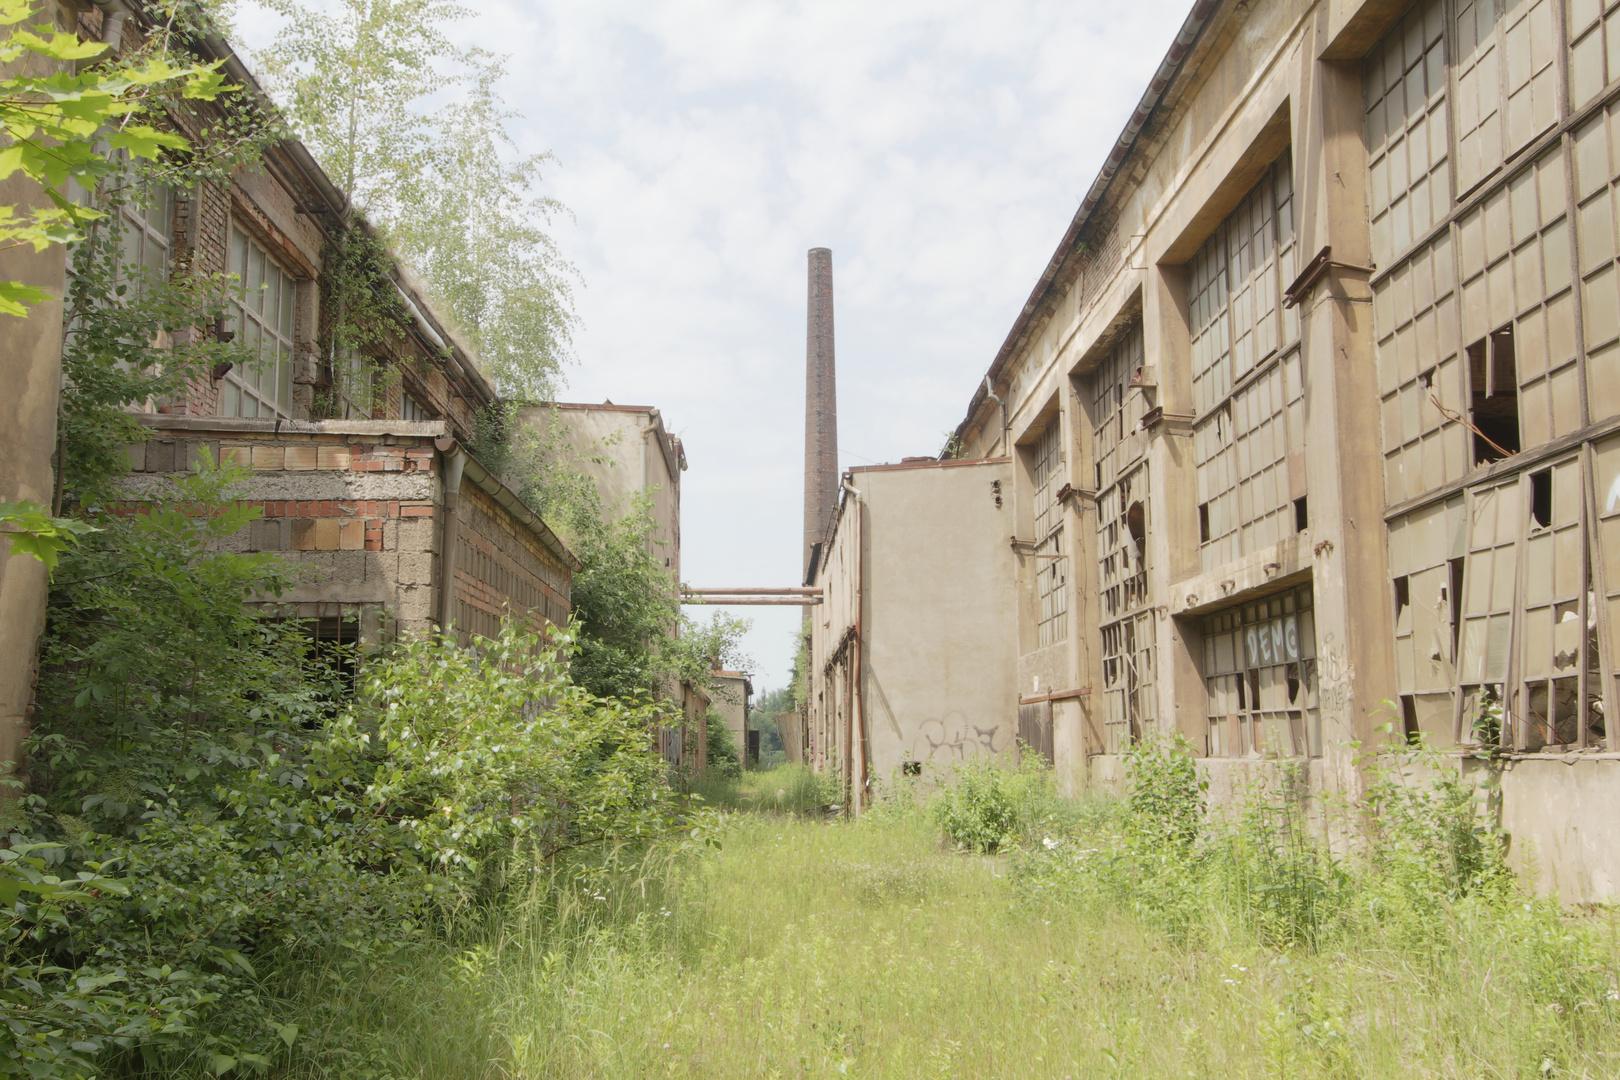 Die Industrieruine der Gießerei Krautheim in Chemnitz Borna, Sandstraße.